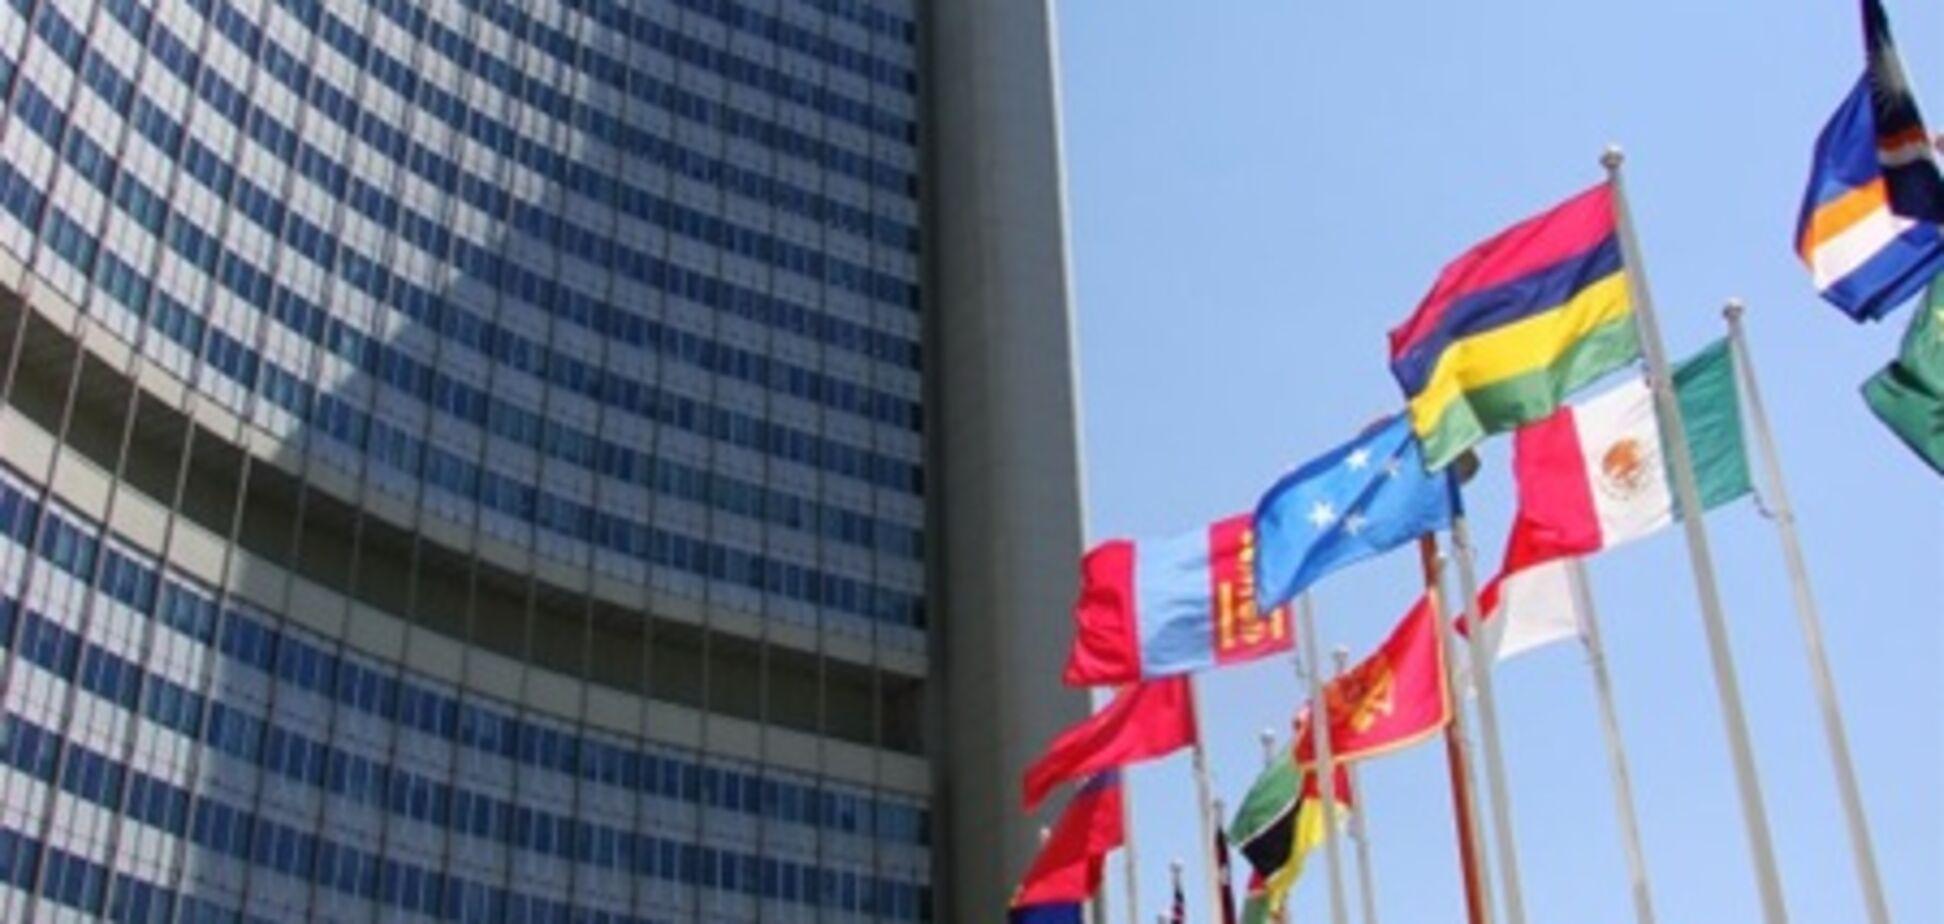 ООН проведет совещание по вопросам защиты журналистов